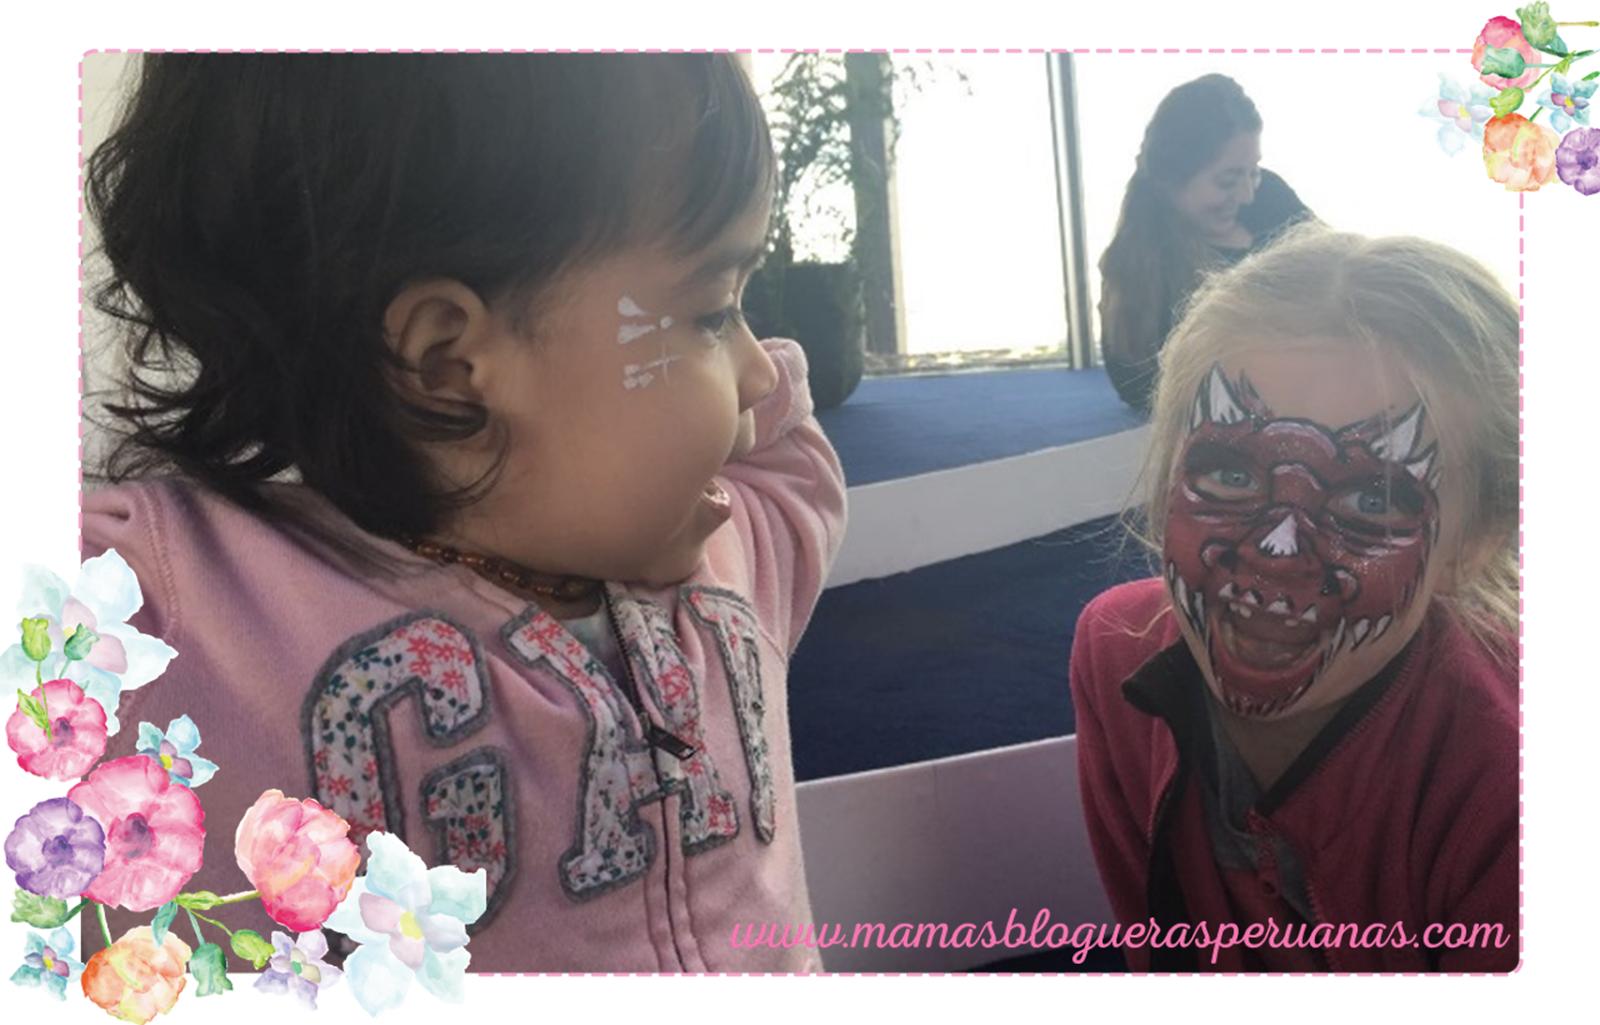 Cuando A Tu Hija Le Gustan Carros Horror No Los Juguetes No